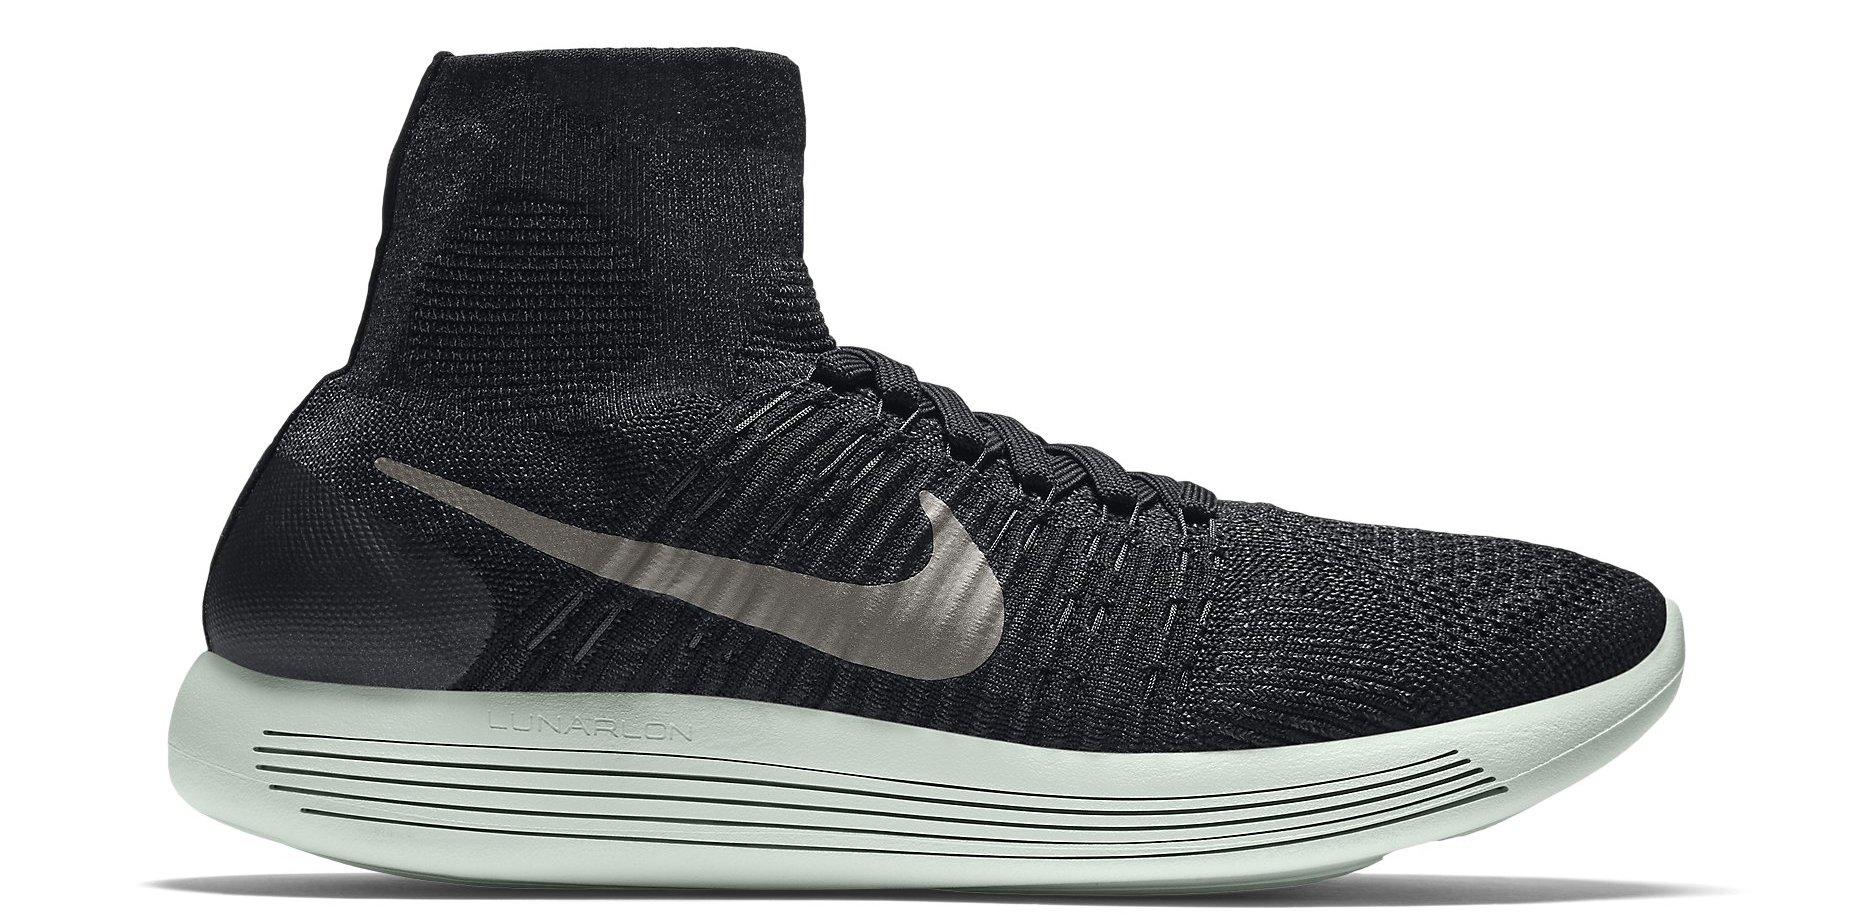 Běžecké boty Nike LunarEpic Flyknit LB